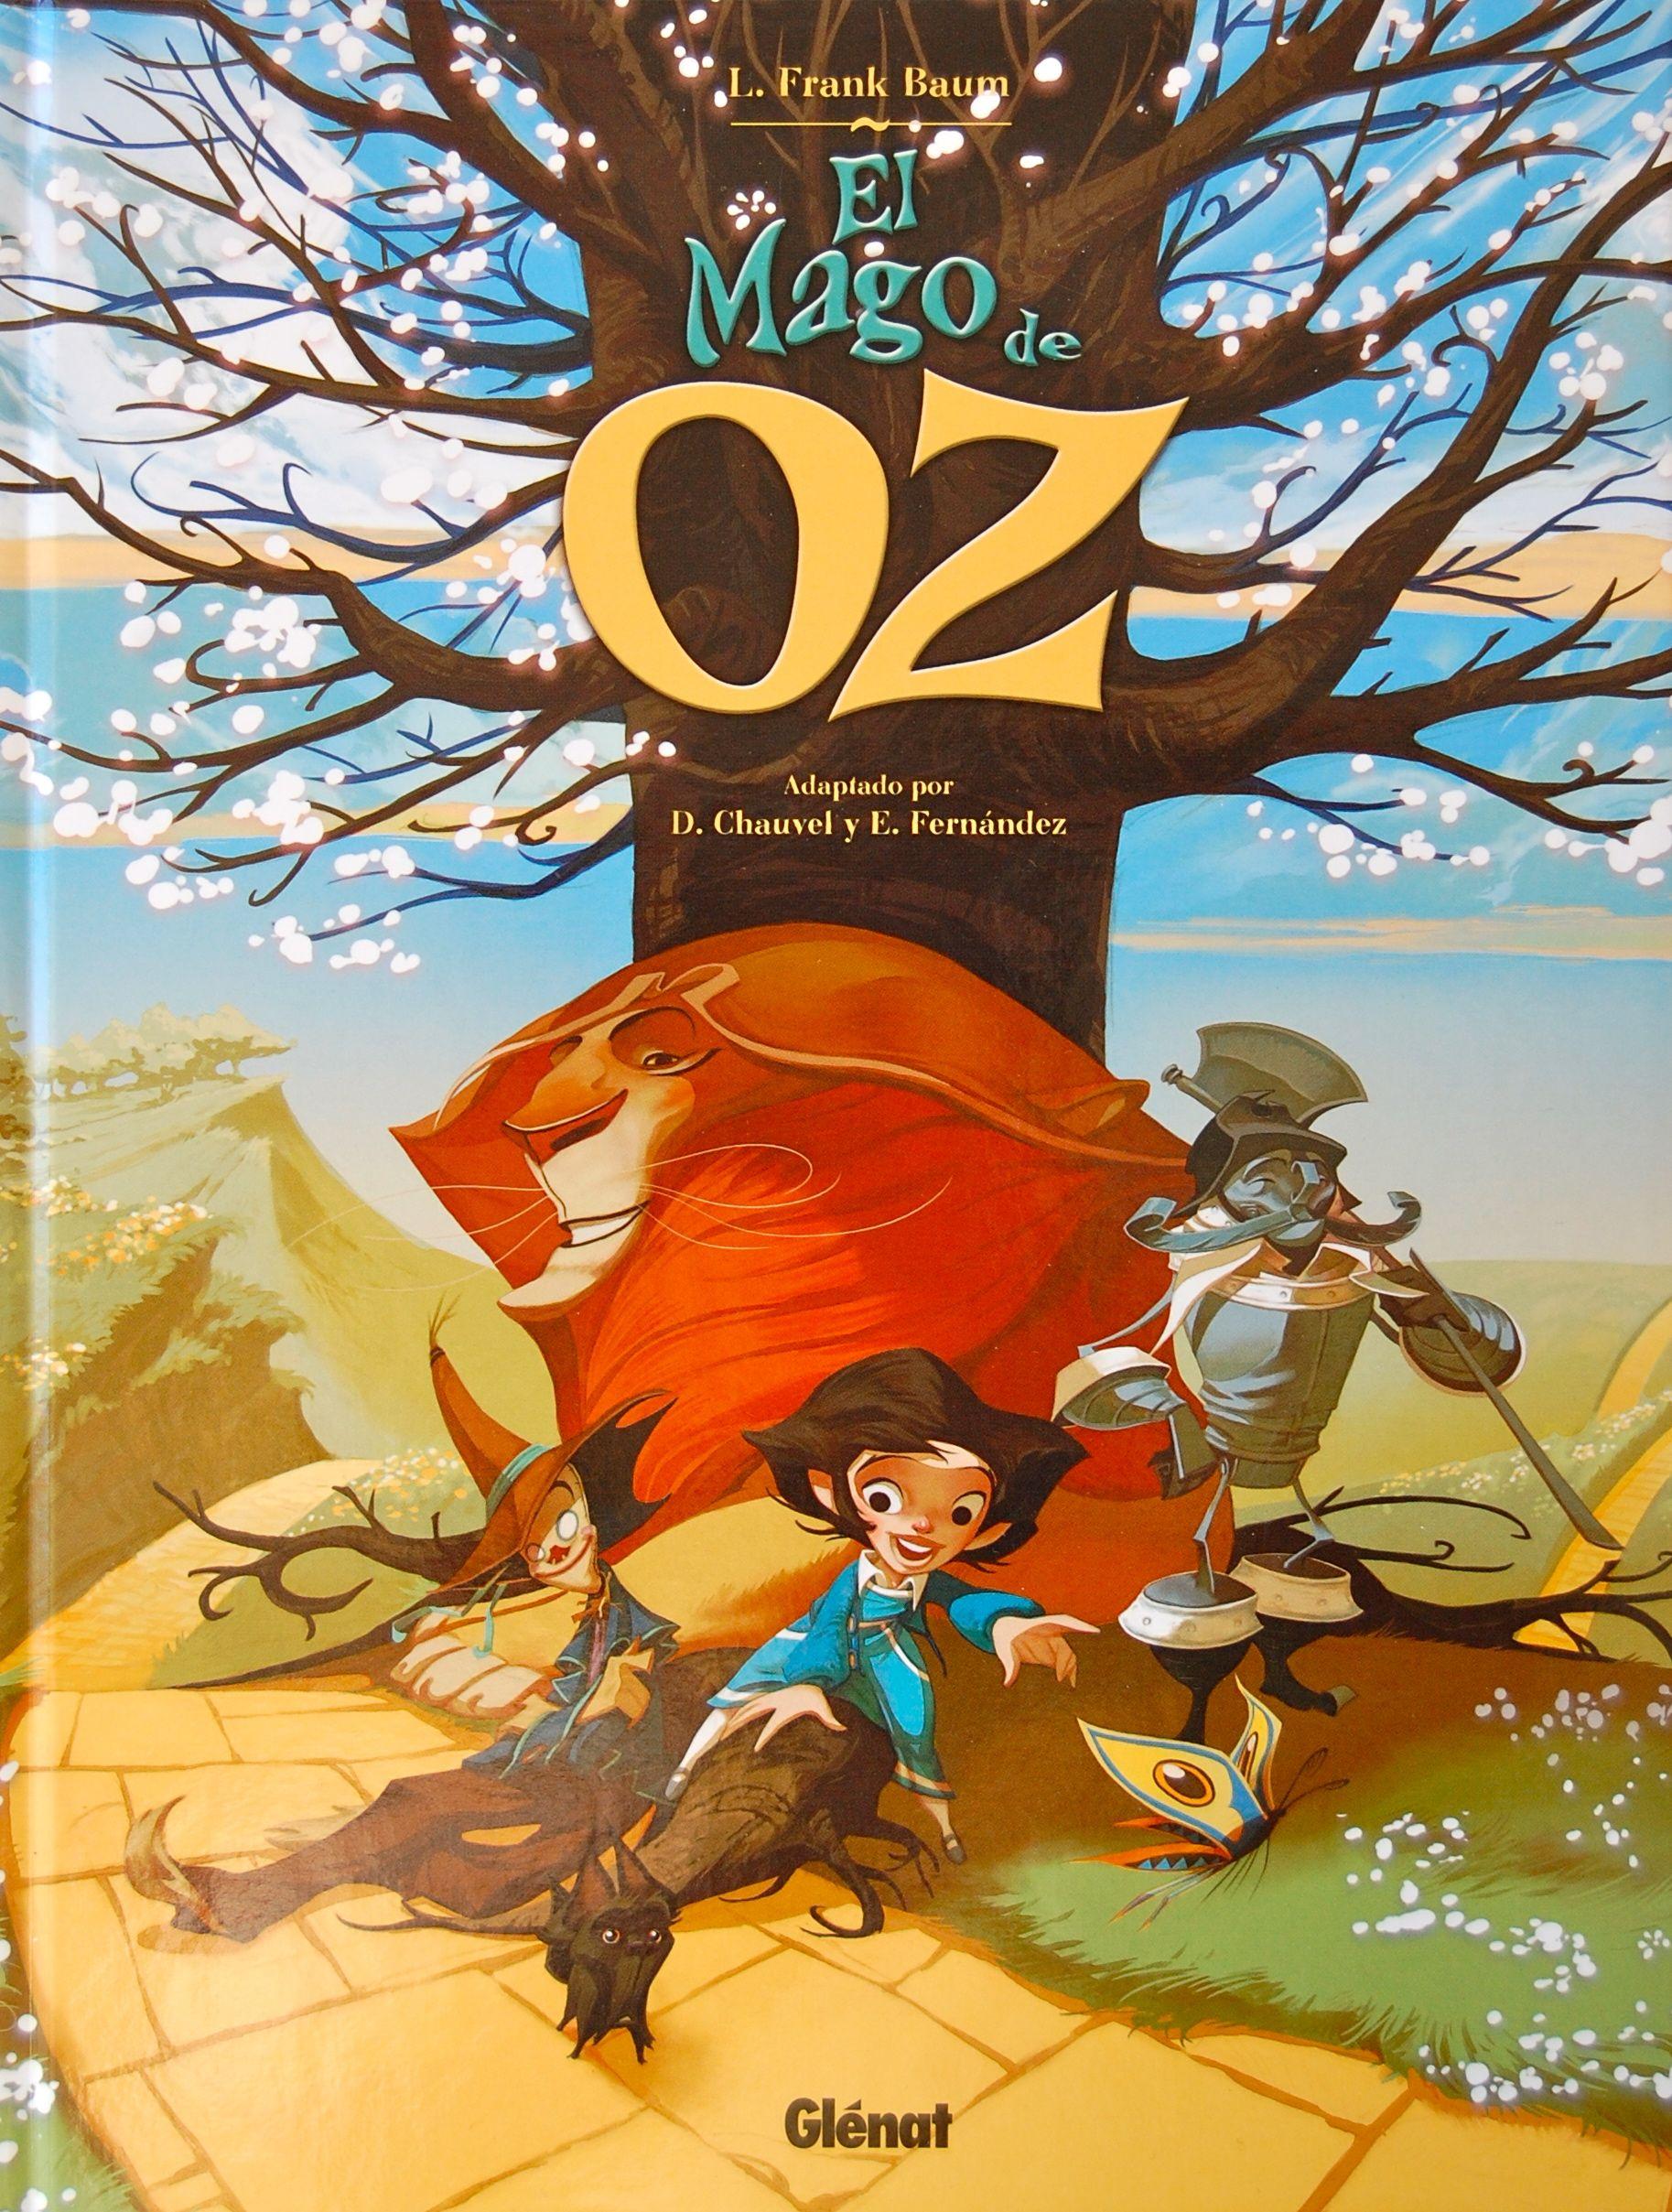 El mago de oz comic book pages comic books wizard of oz